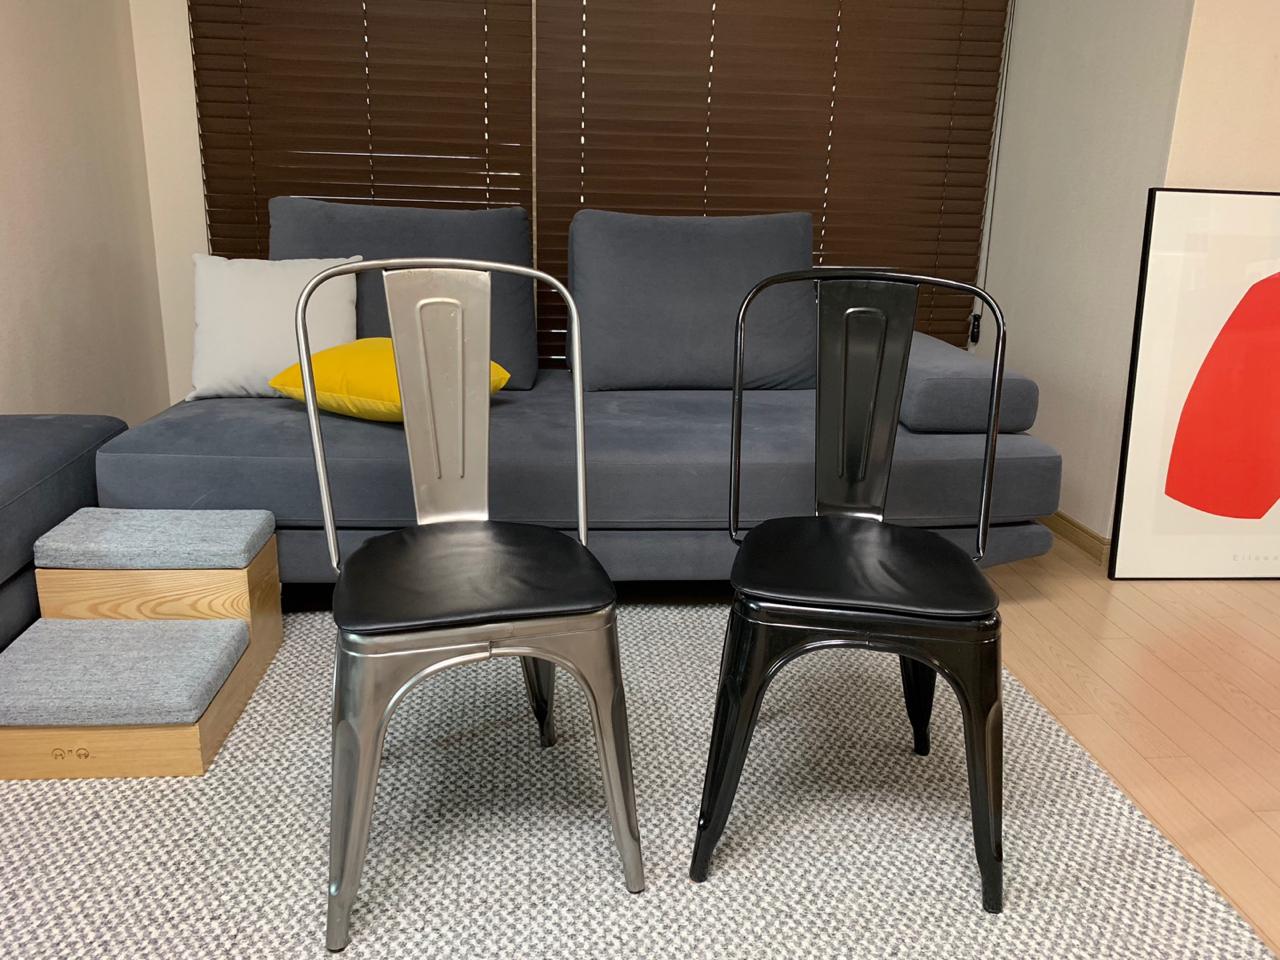 디자인의자,식탁의자,의자,급처분,새것같은중고,신혼가구처분